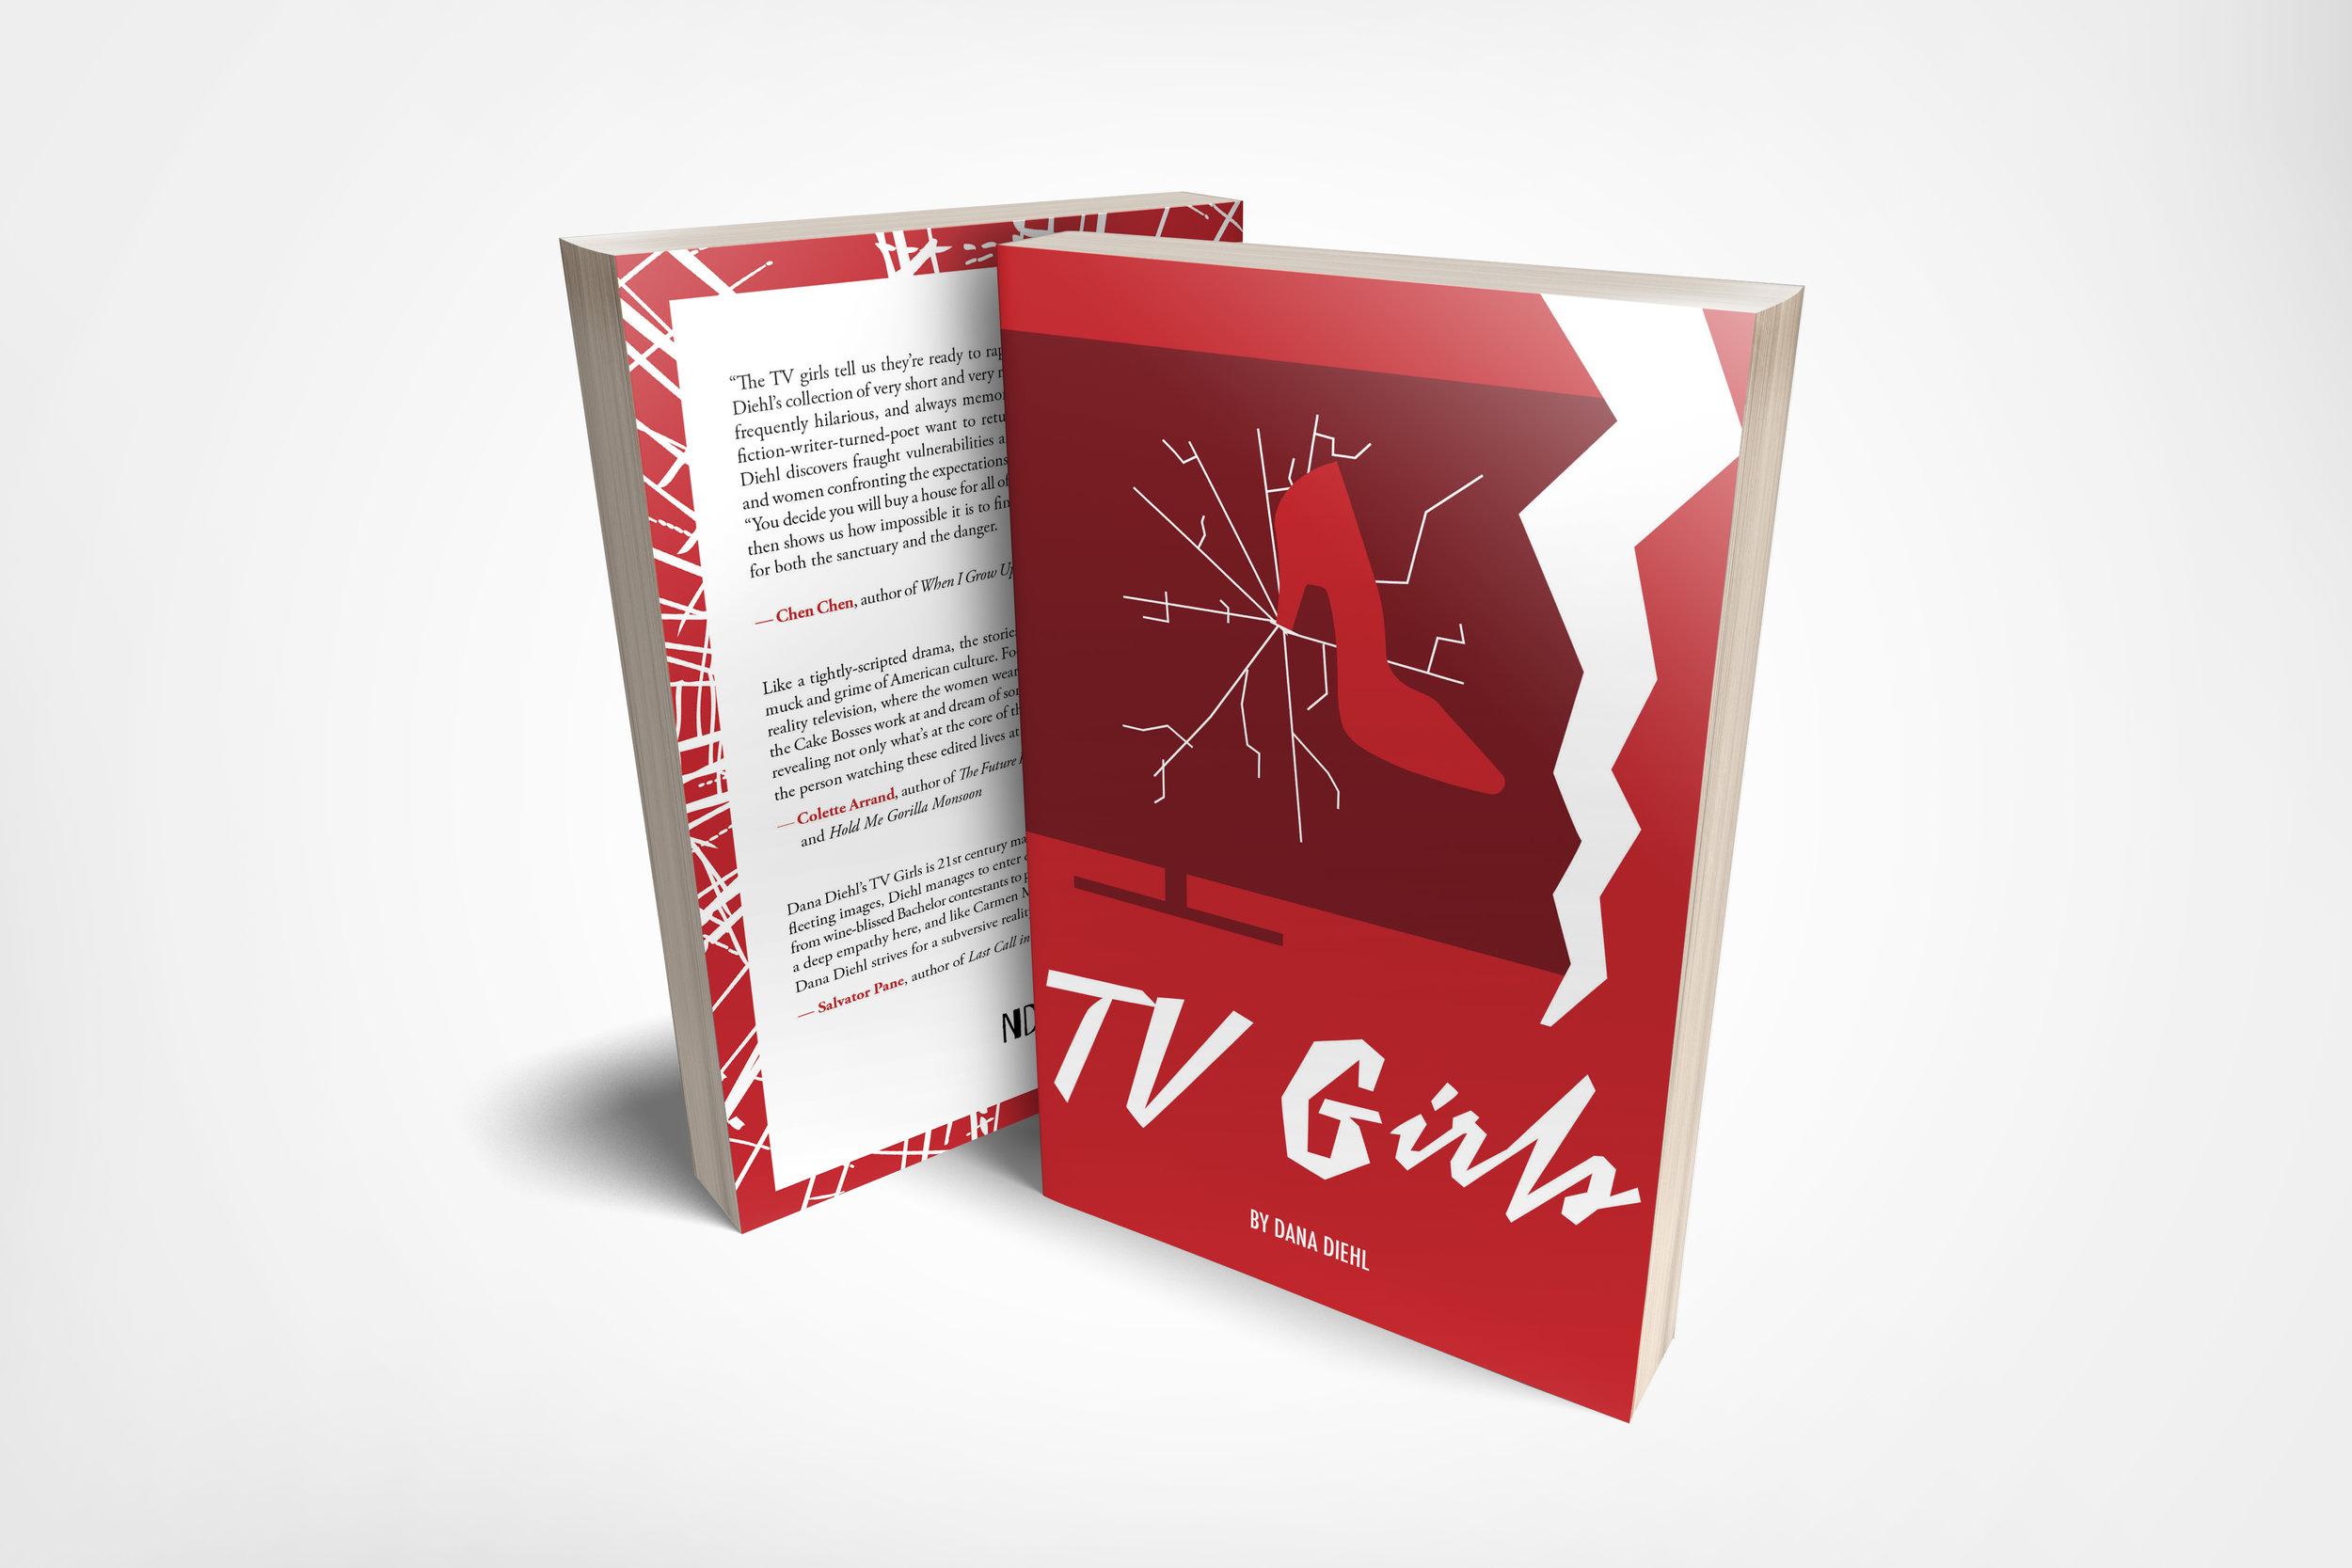 085-6x9-Front-Back-Paperback-COVERVAULT.jpg